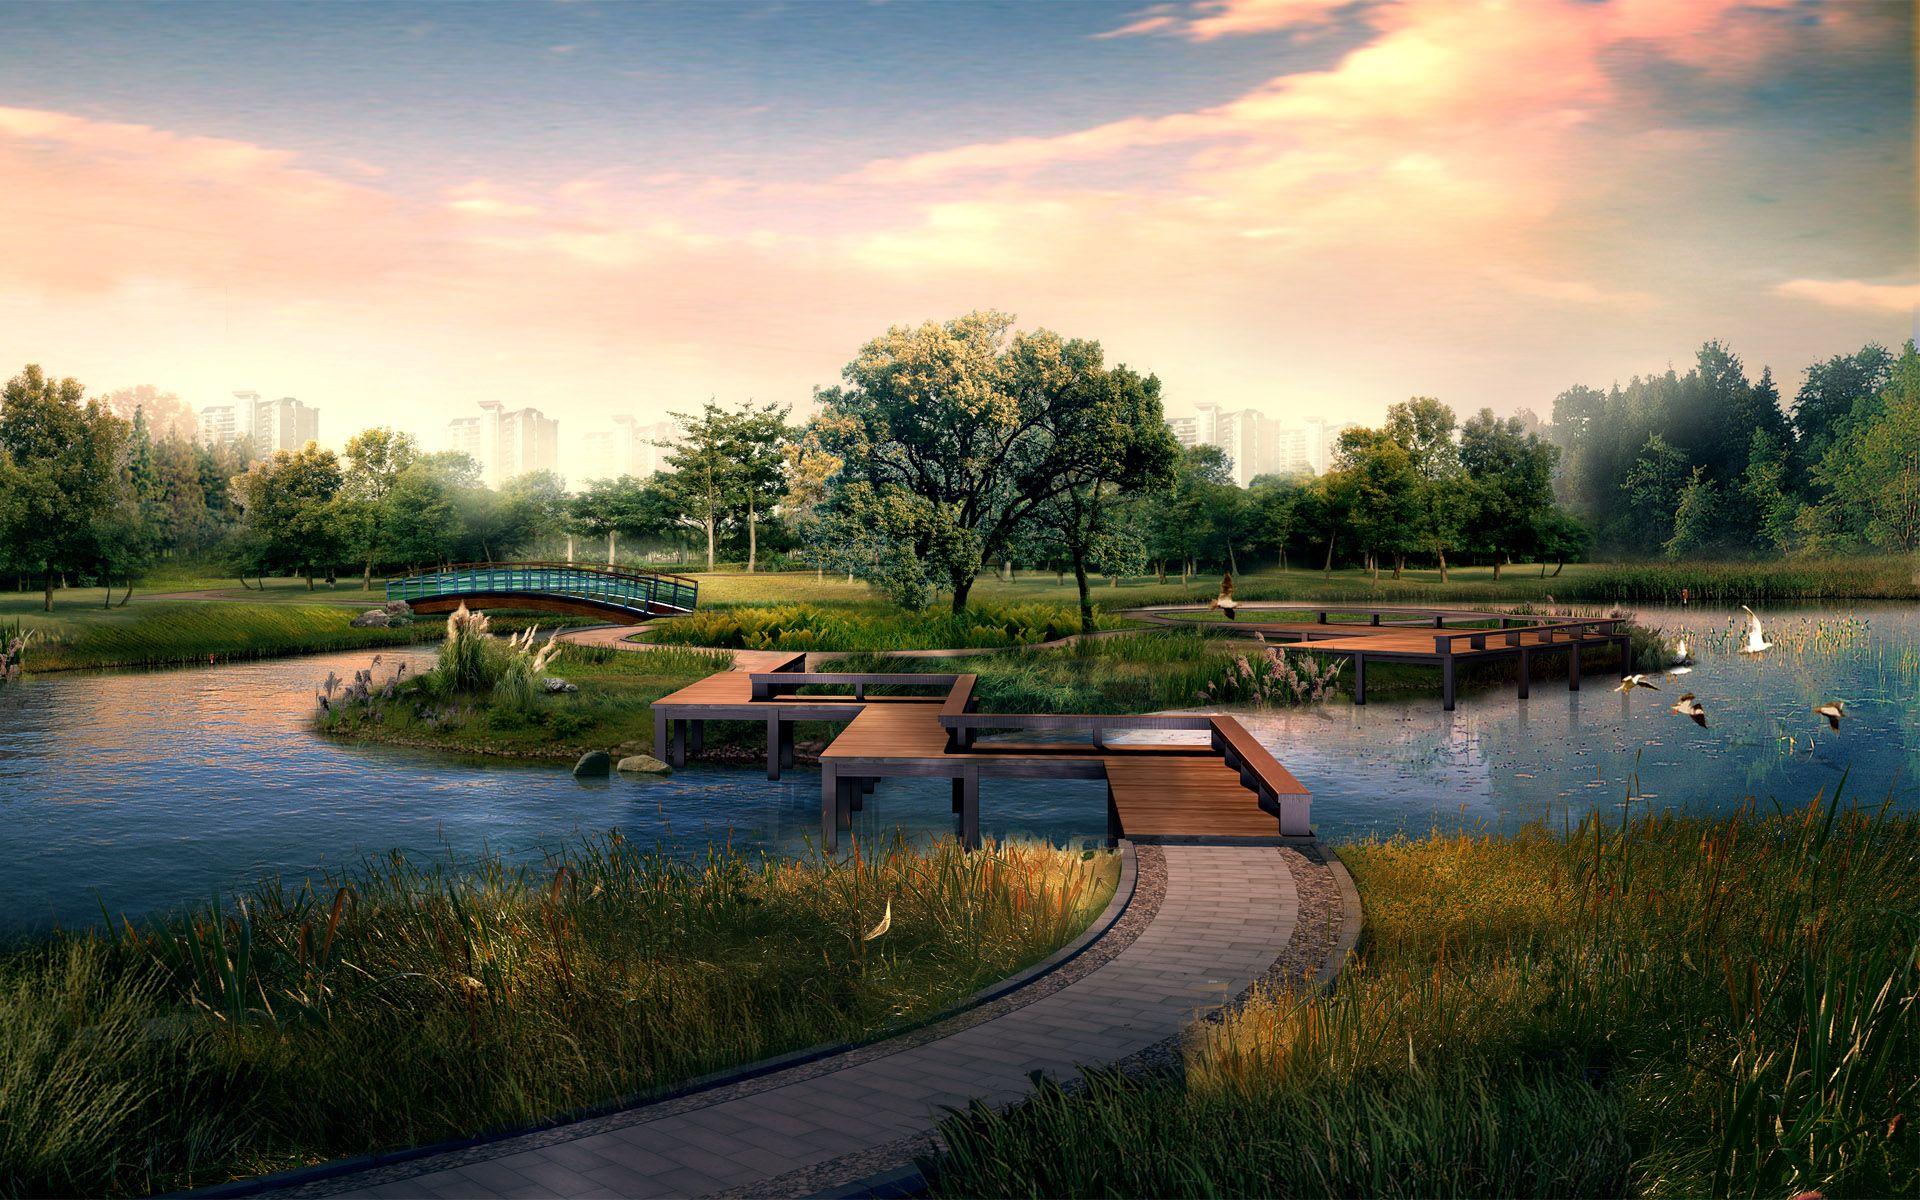 Fond D écran Hd Paysage Zen Paysages Nature Japon